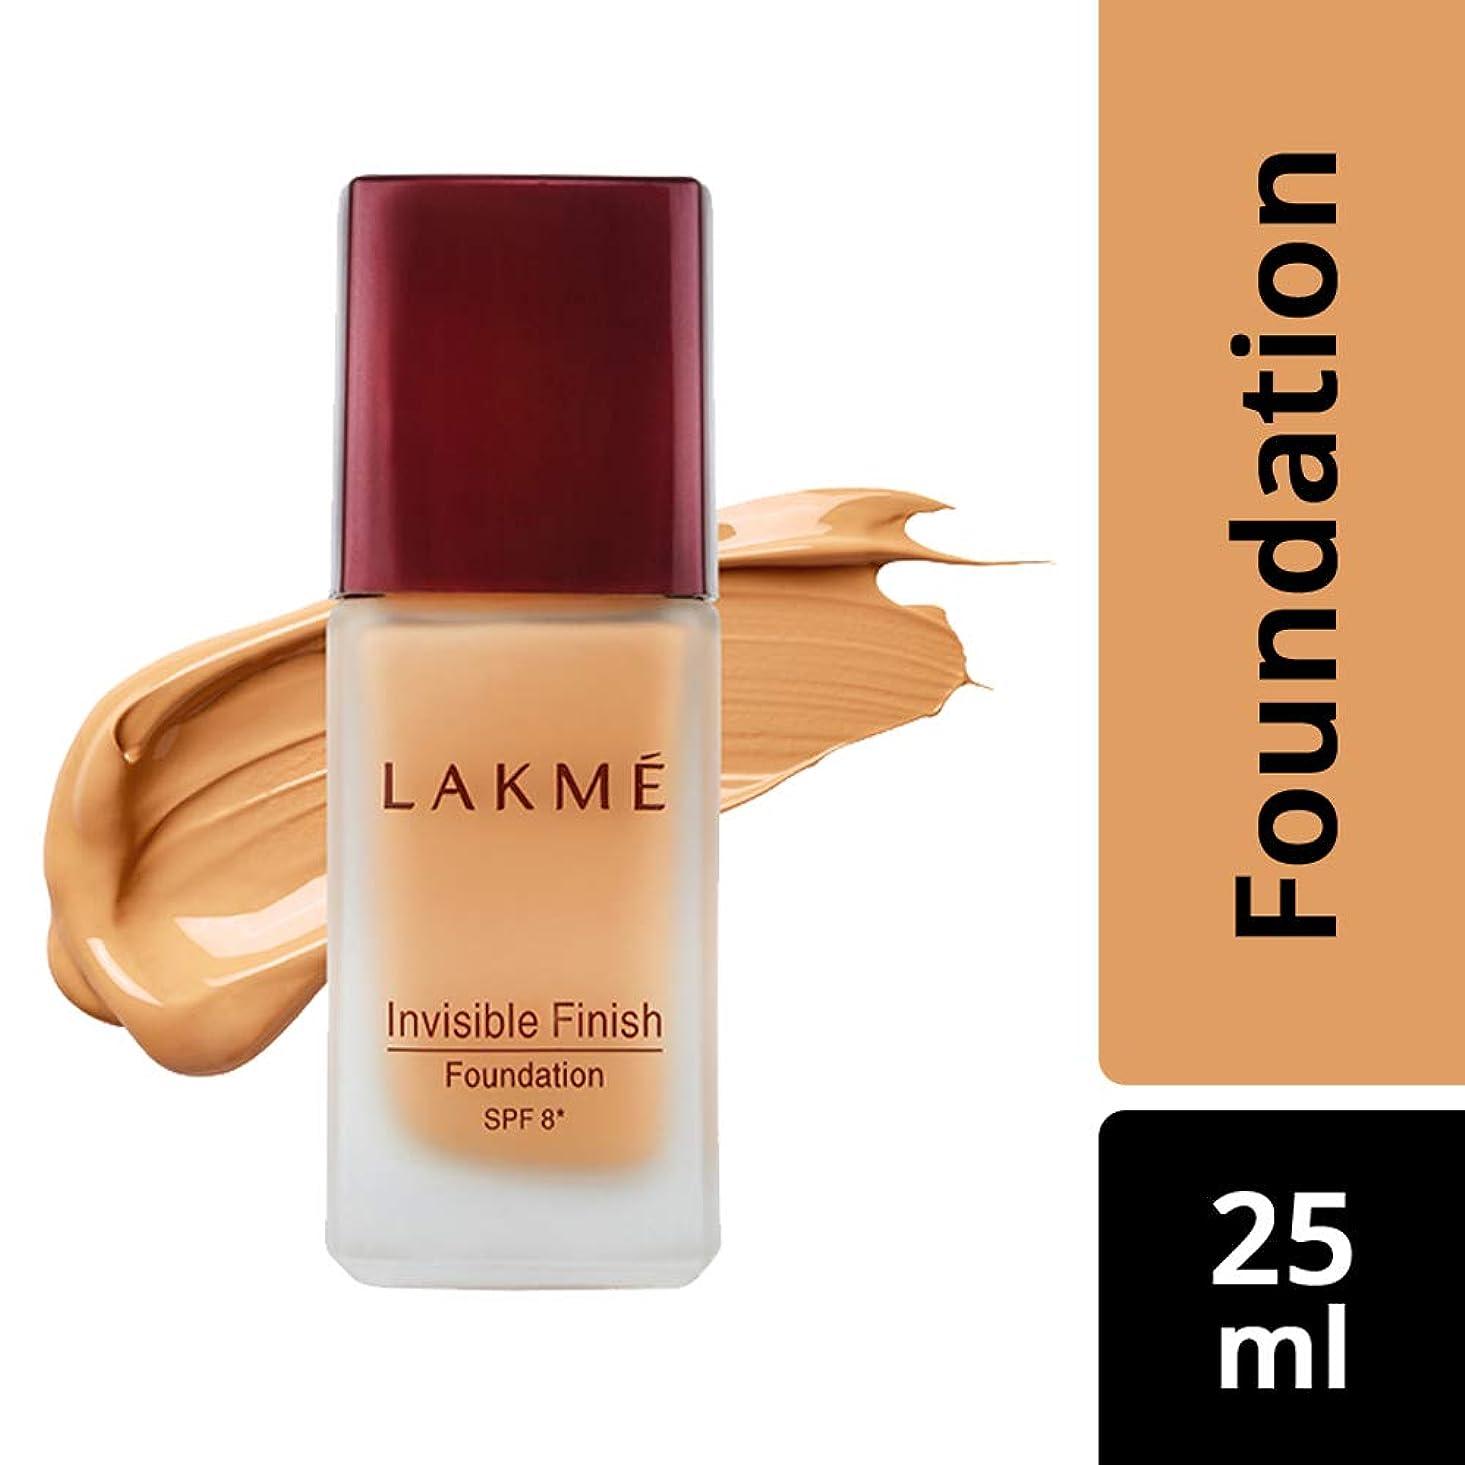 演じるヘビー護衛Lakme Invisible Finish SPF 8 Foundation, Shade 01, 25 ml